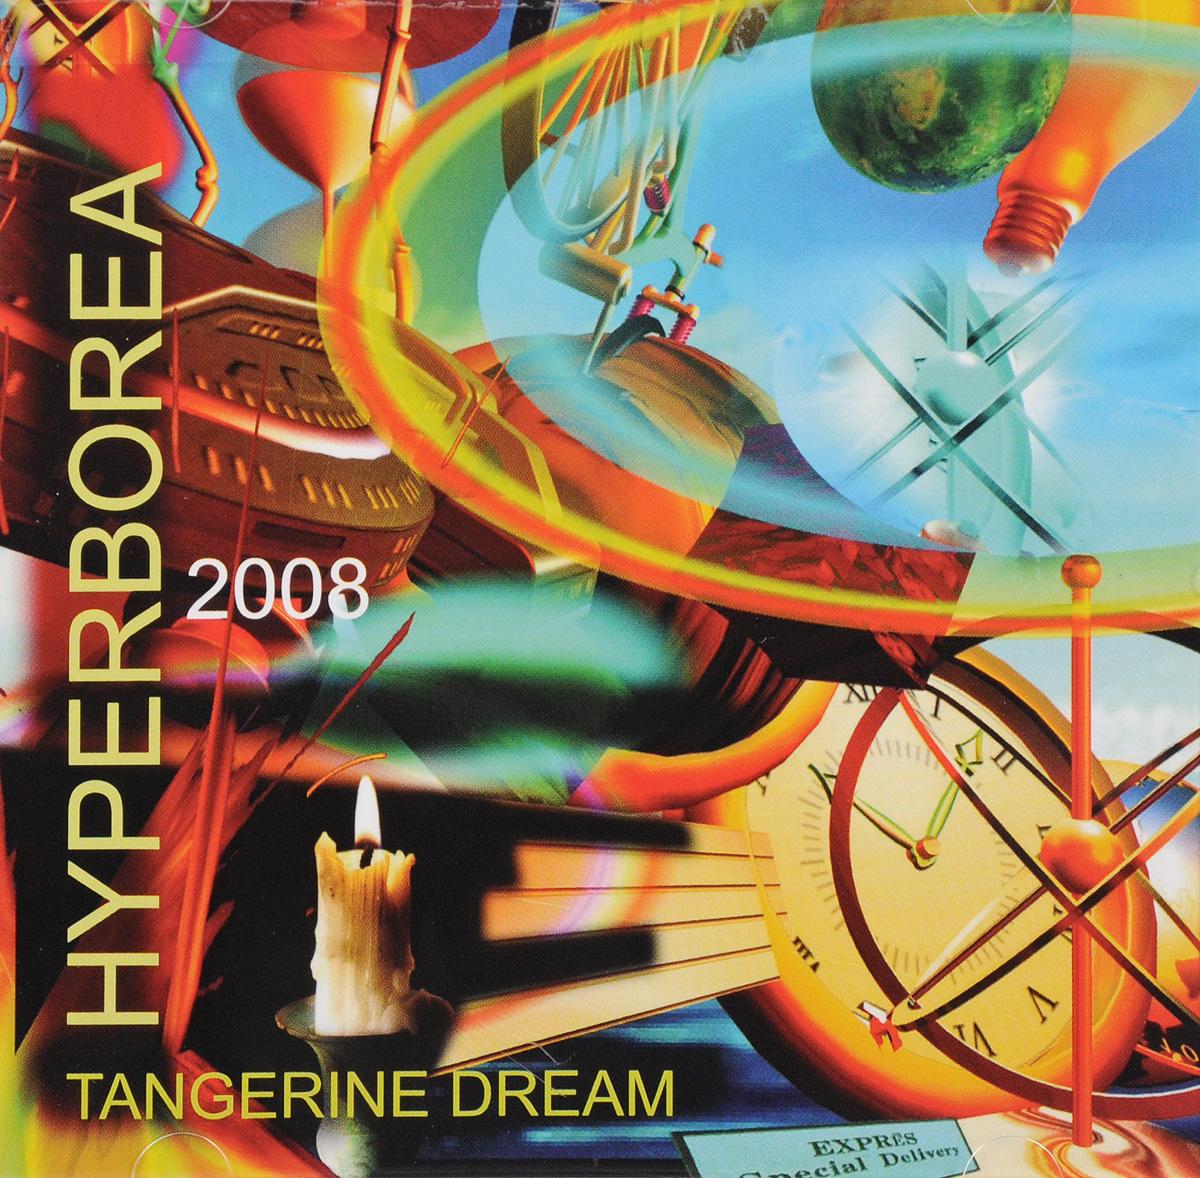 Tangerine Dream Tangerine Dream. Hyperborea 2008 tangerine dream tangerine dream finnegans wake